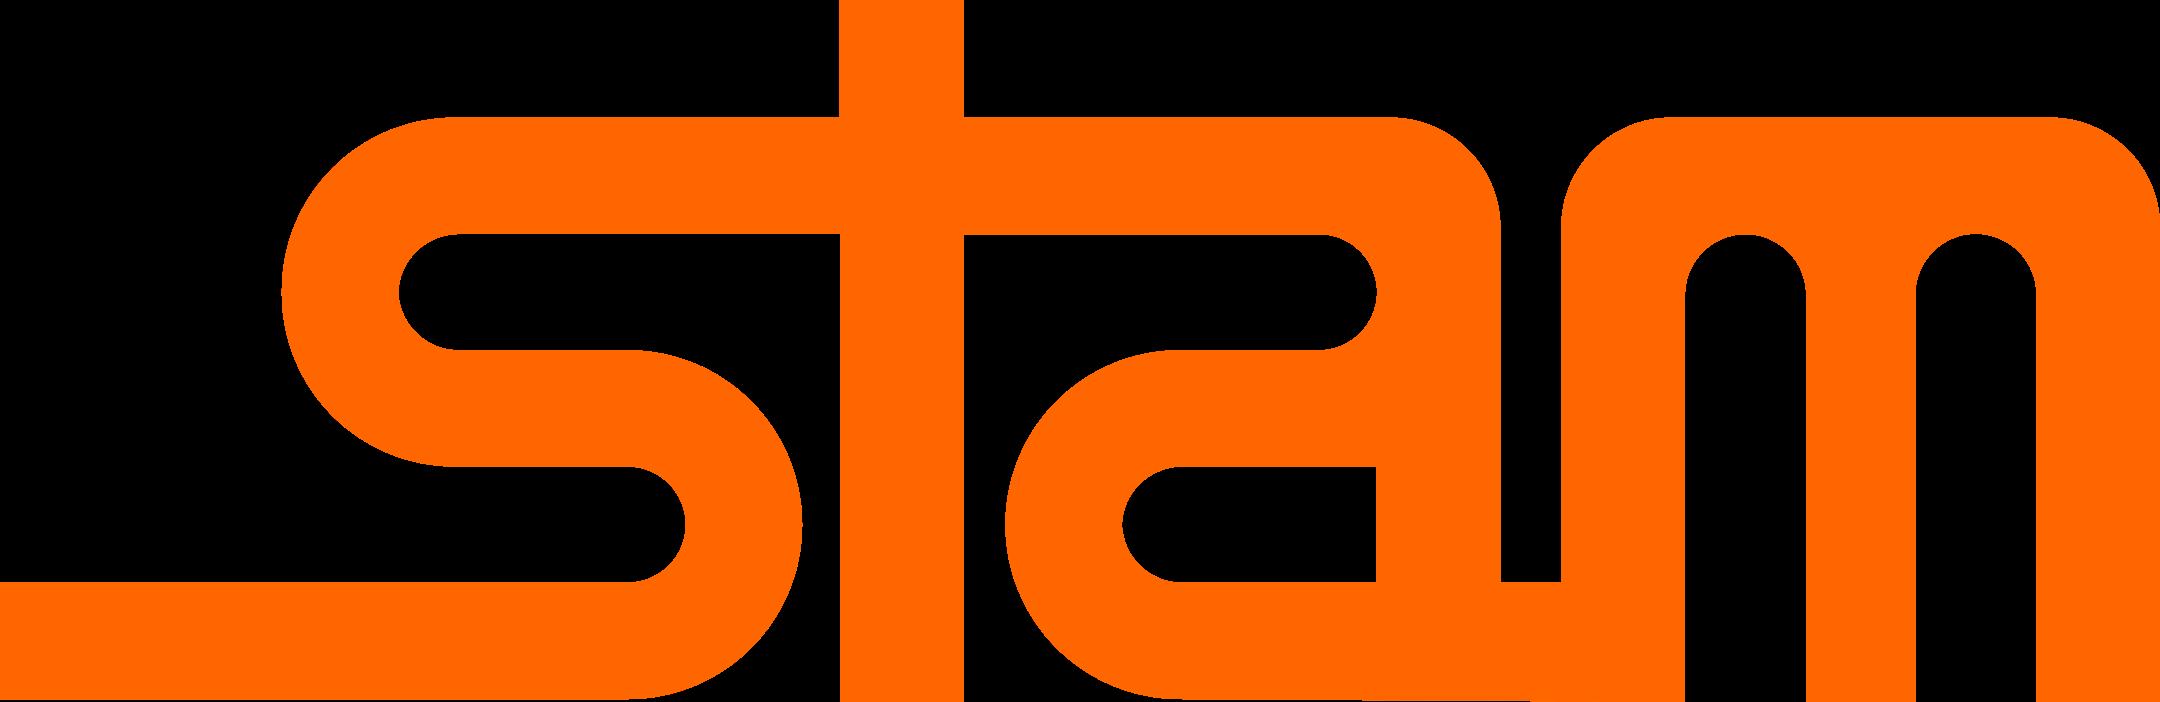 stam logo 1 - Stam Logo